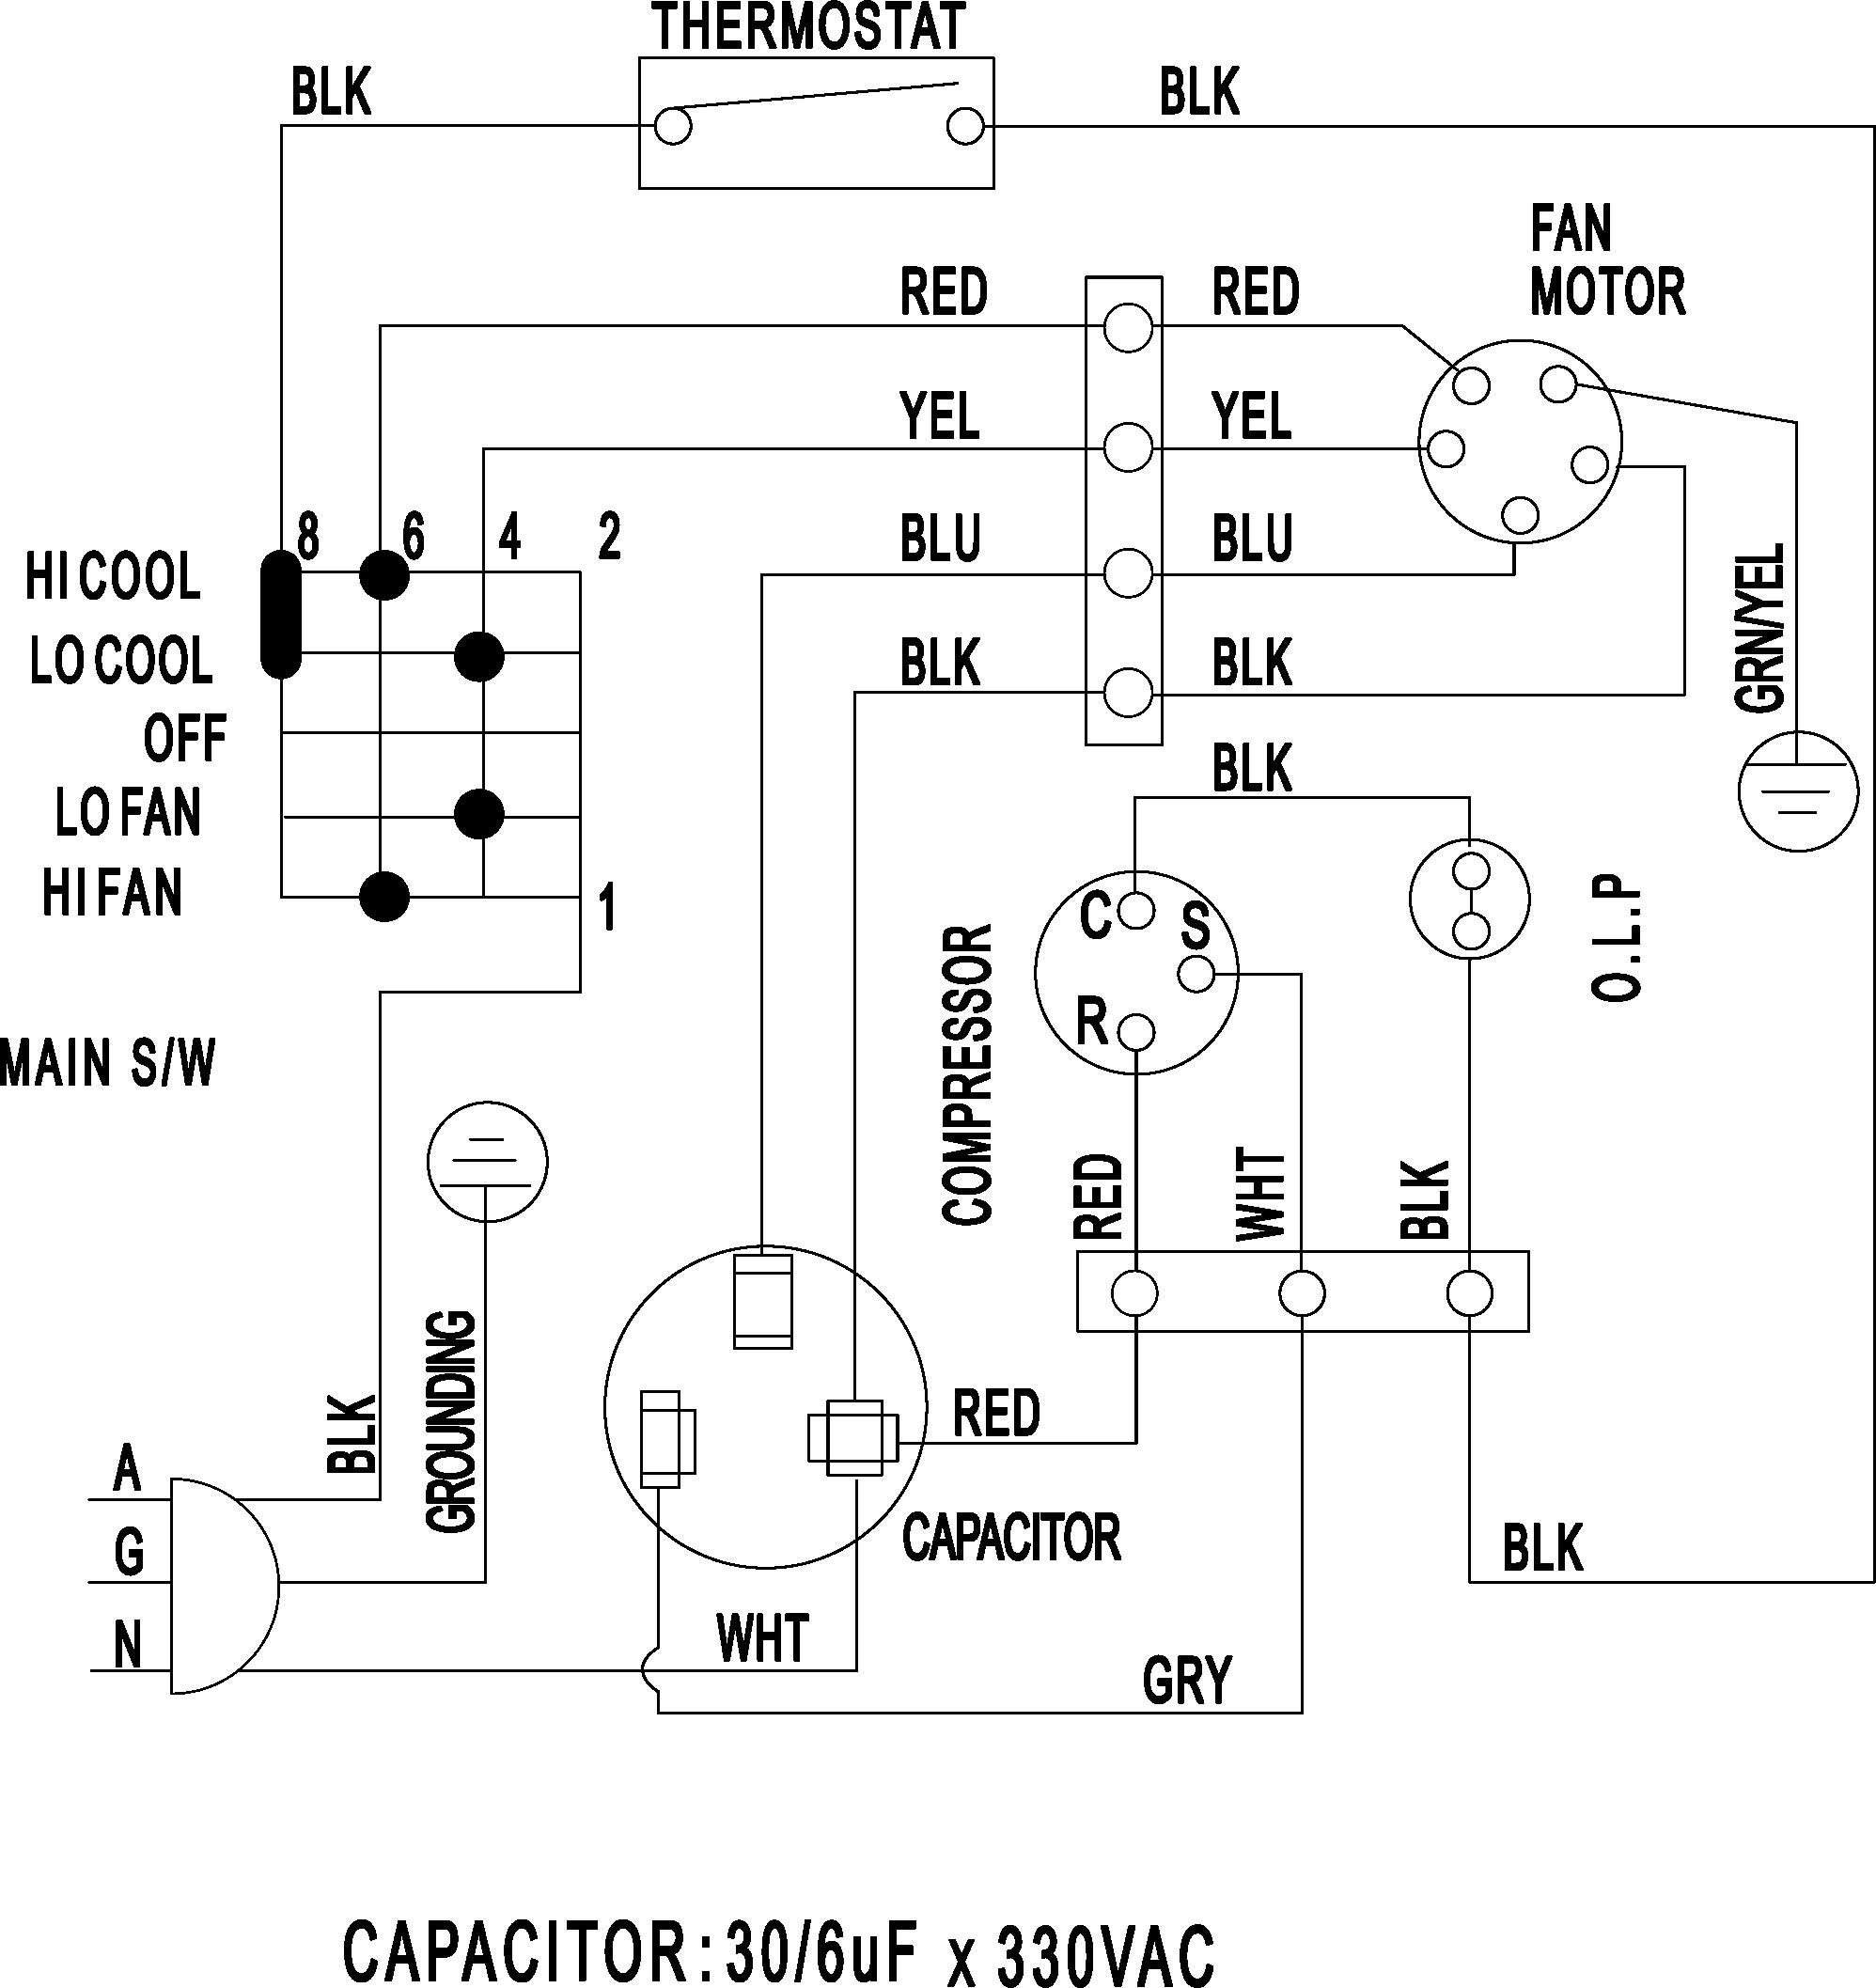 am_7539] conditioner condenser parts on central air conditioner wiring  diagram schematic wiring  scata lectu isop vira mohammedshrine librar wiring 101